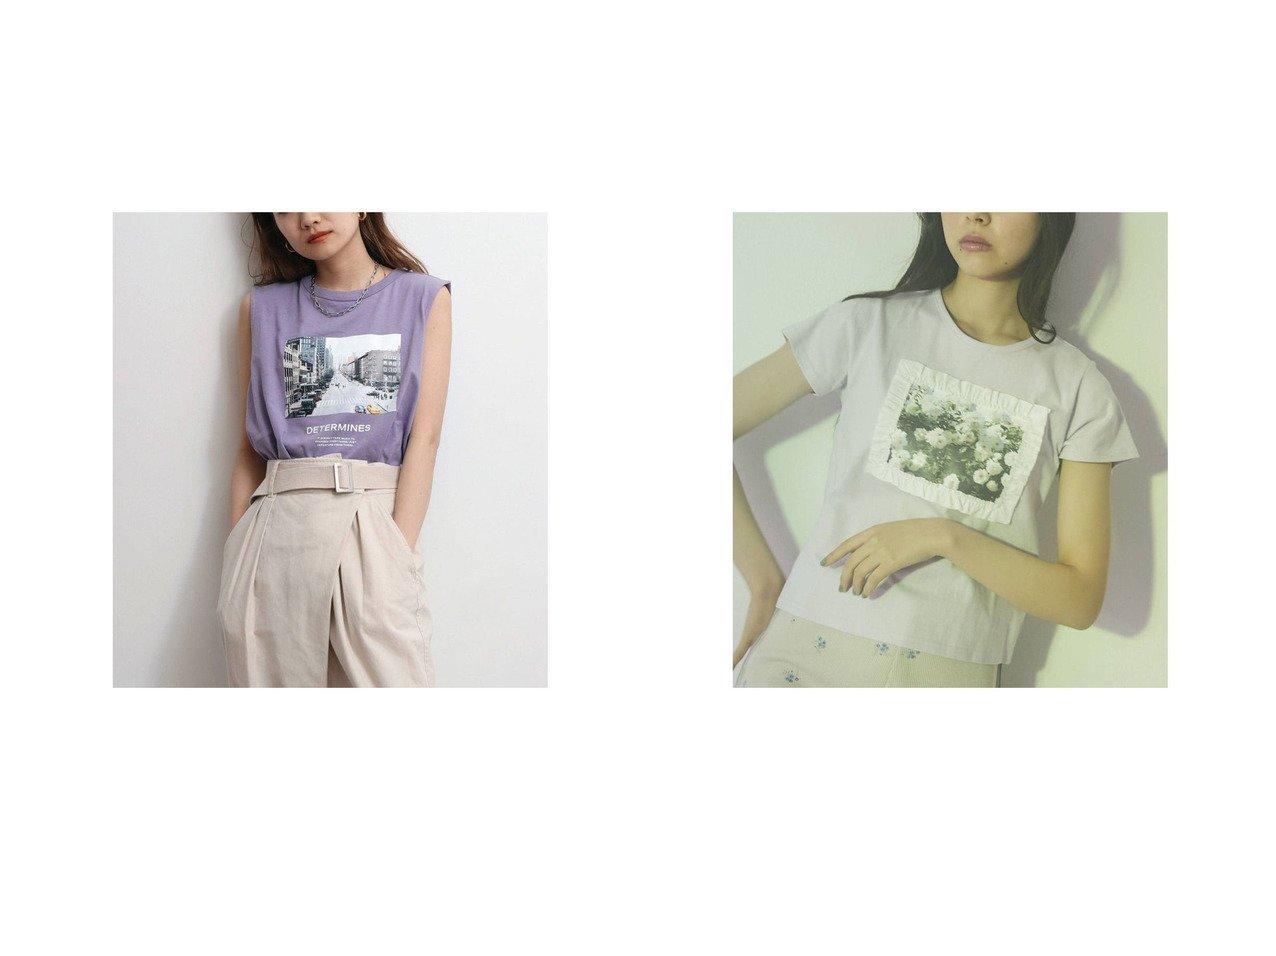 【UNGRID/アングリッド】のUngrid フォトボックスタンクトップ&【merry jenny/メリージェニー】のmerry jenny flower garden Tee おすすめ!人気、トレンド・レディースファッションの通販 おすすめで人気の流行・トレンド、ファッションの通販商品 インテリア・家具・メンズファッション・キッズファッション・レディースファッション・服の通販 founy(ファニー) https://founy.com/ ファッション Fashion レディースファッション WOMEN 春 Spring クール グラフィック タンク チェック デニム 定番 Standard バランス プリント ボックス 2021年 2021 S/S・春夏 SS・Spring/Summer 2021春夏・S/S SS/Spring/Summer/2021 コンパクト フリル  ID:crp329100000044379